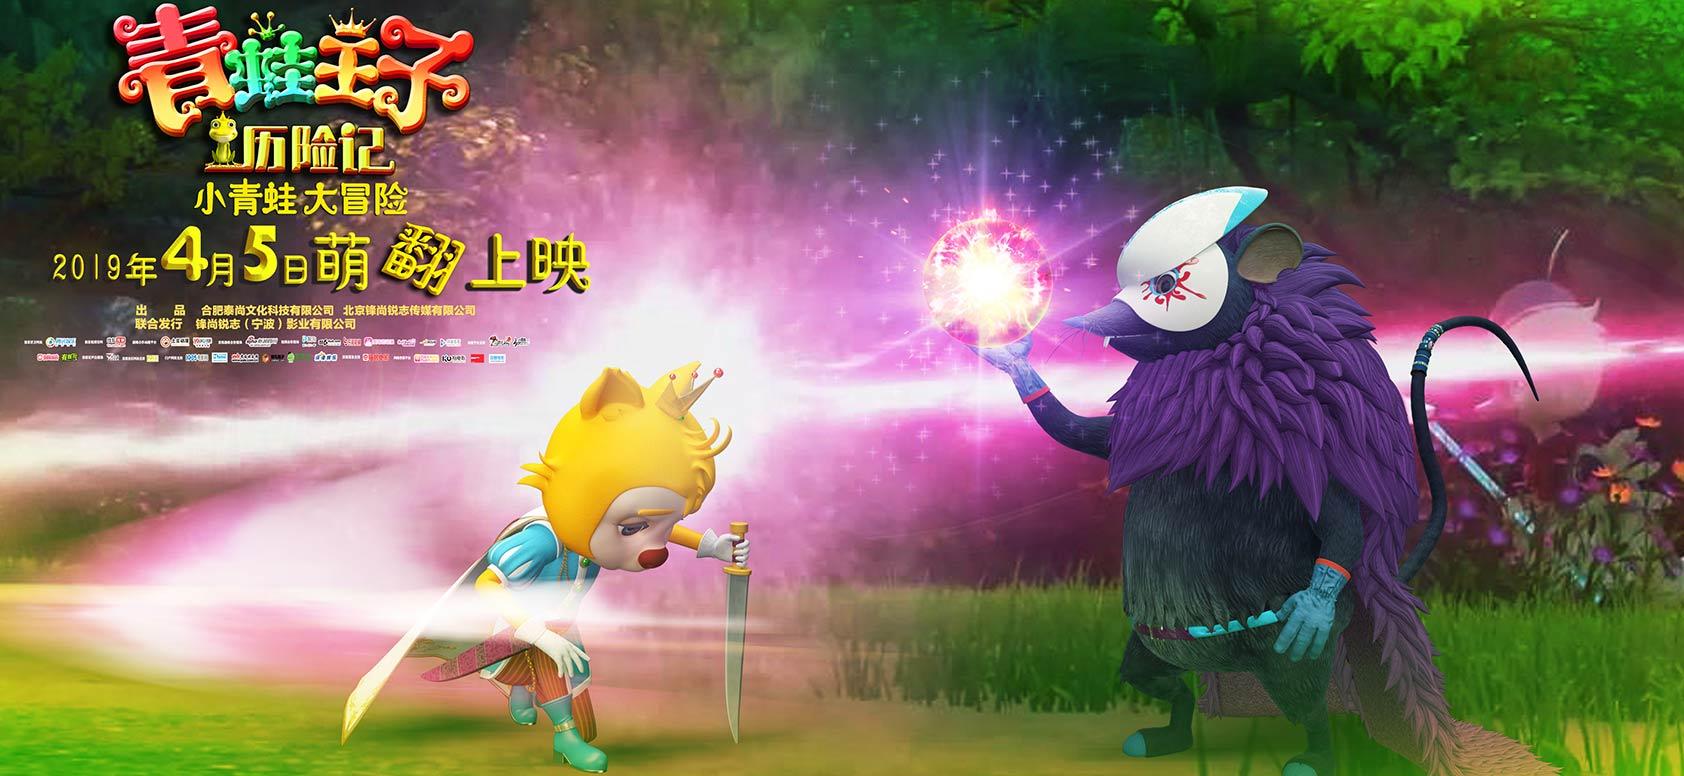 3D/2D动画电影《青蛙王子历险记》发布对决版海报